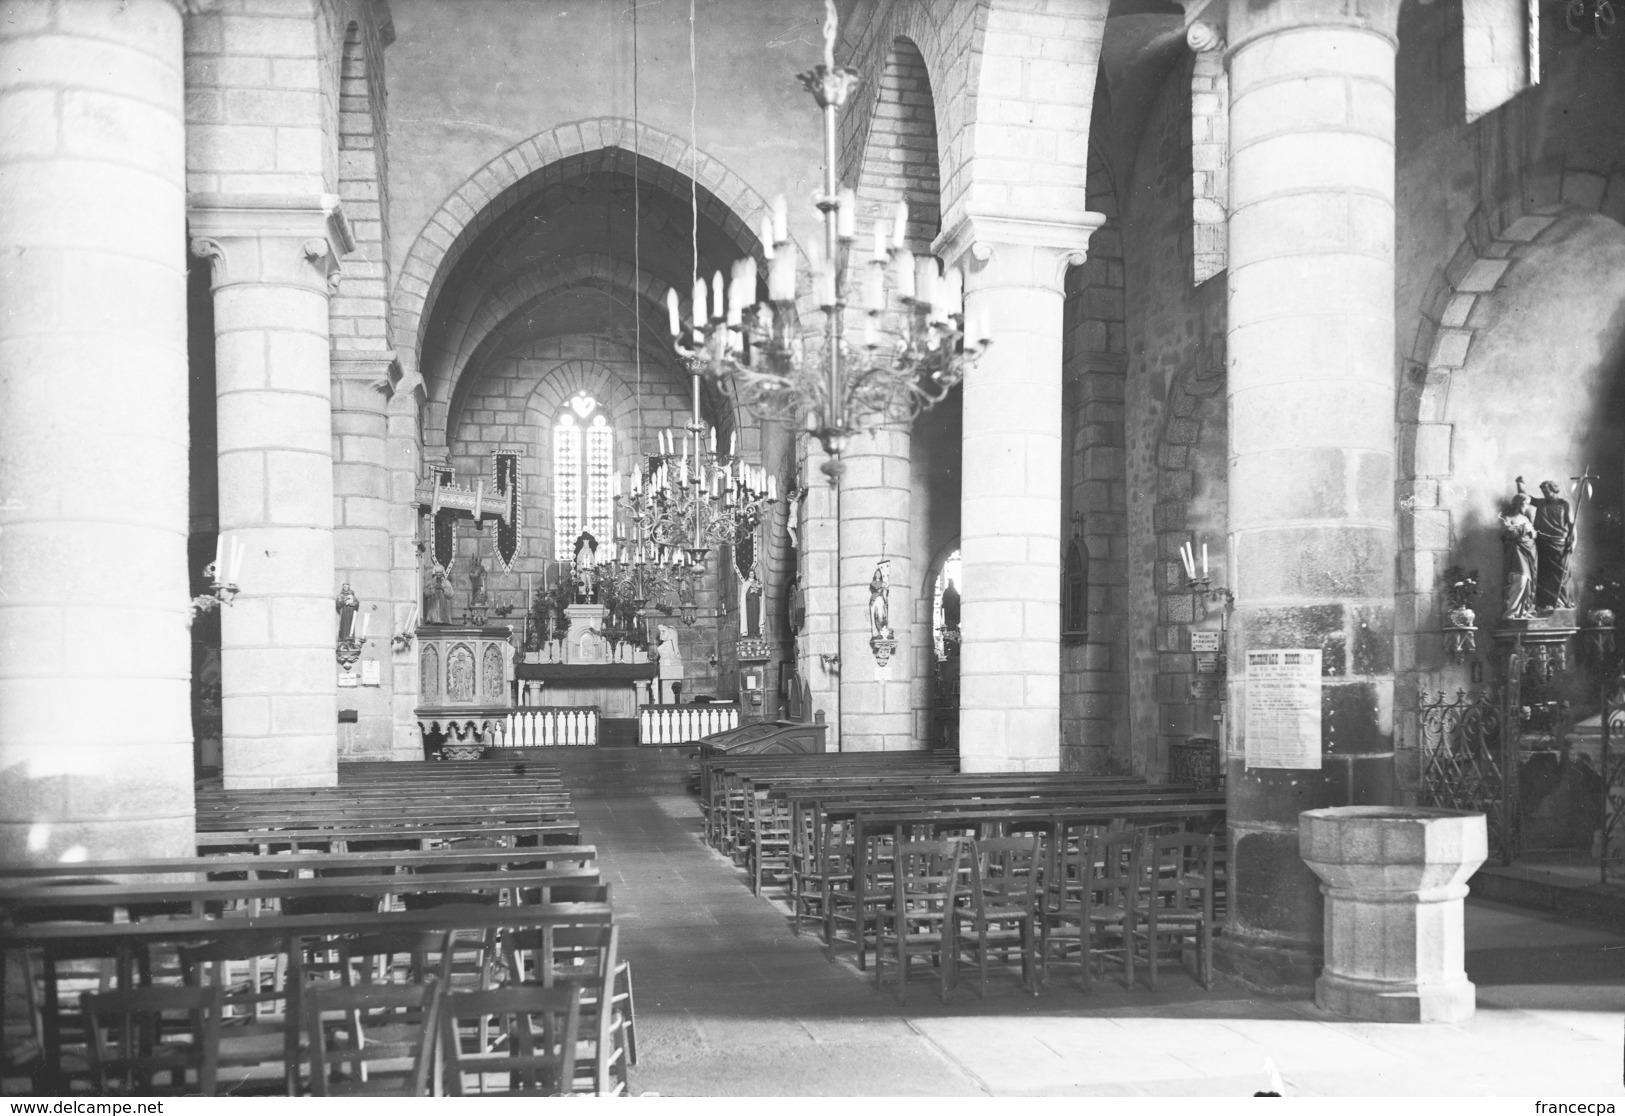 PN - 139 - CHARENTE - 16 - BRIGUEIL - L' Eglise - Intérieur - Plaques De Verre